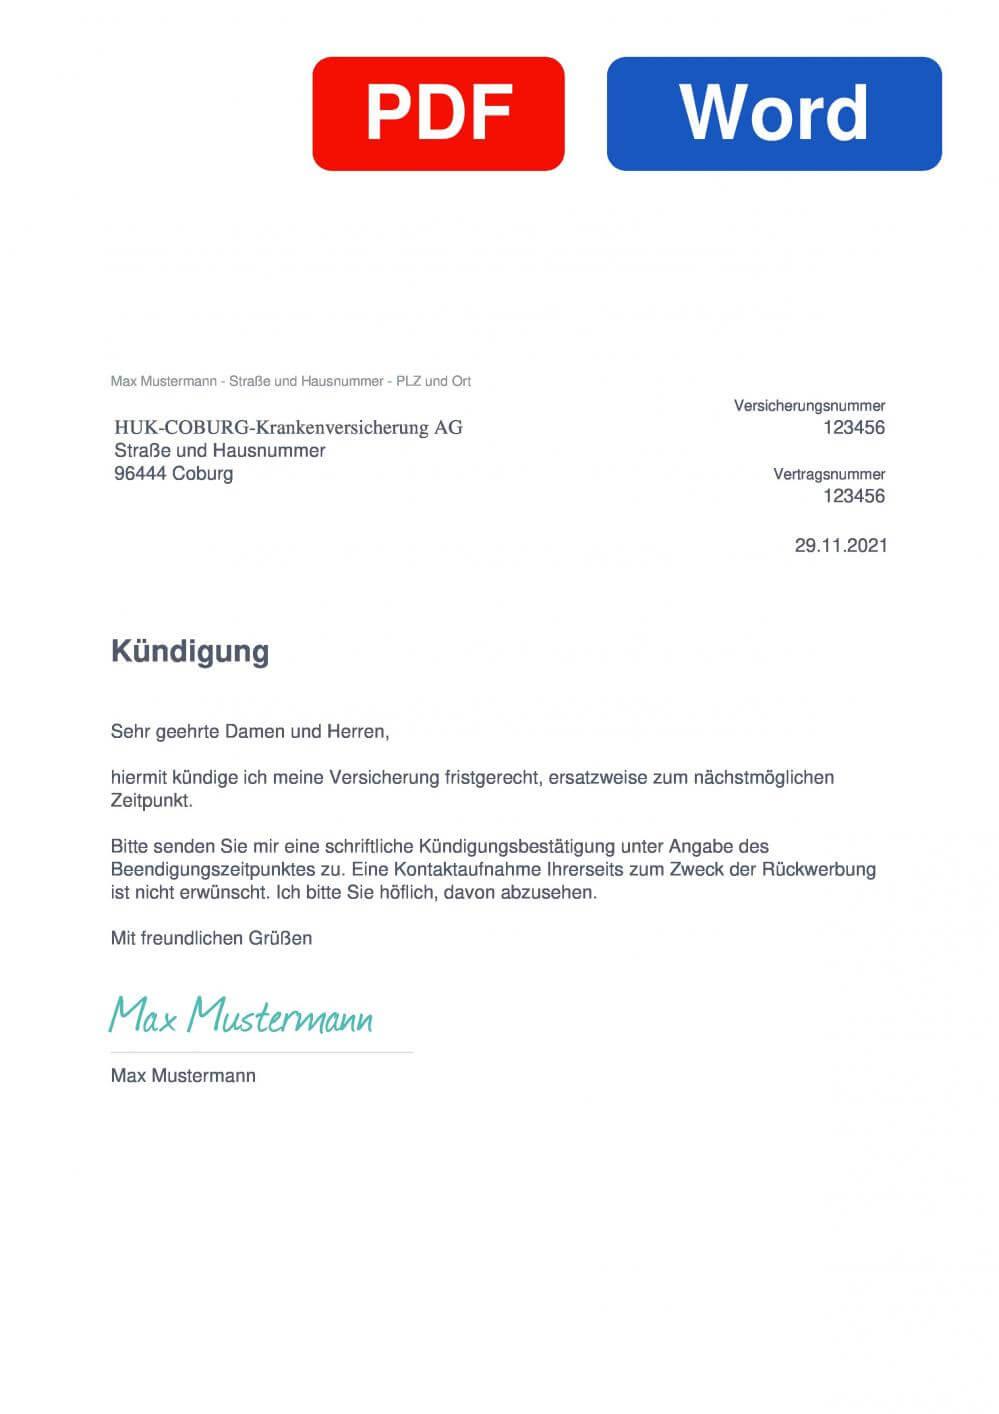 HUK Coburg Reisekrankenversicherung Muster Vorlage für Kündigungsschreiben